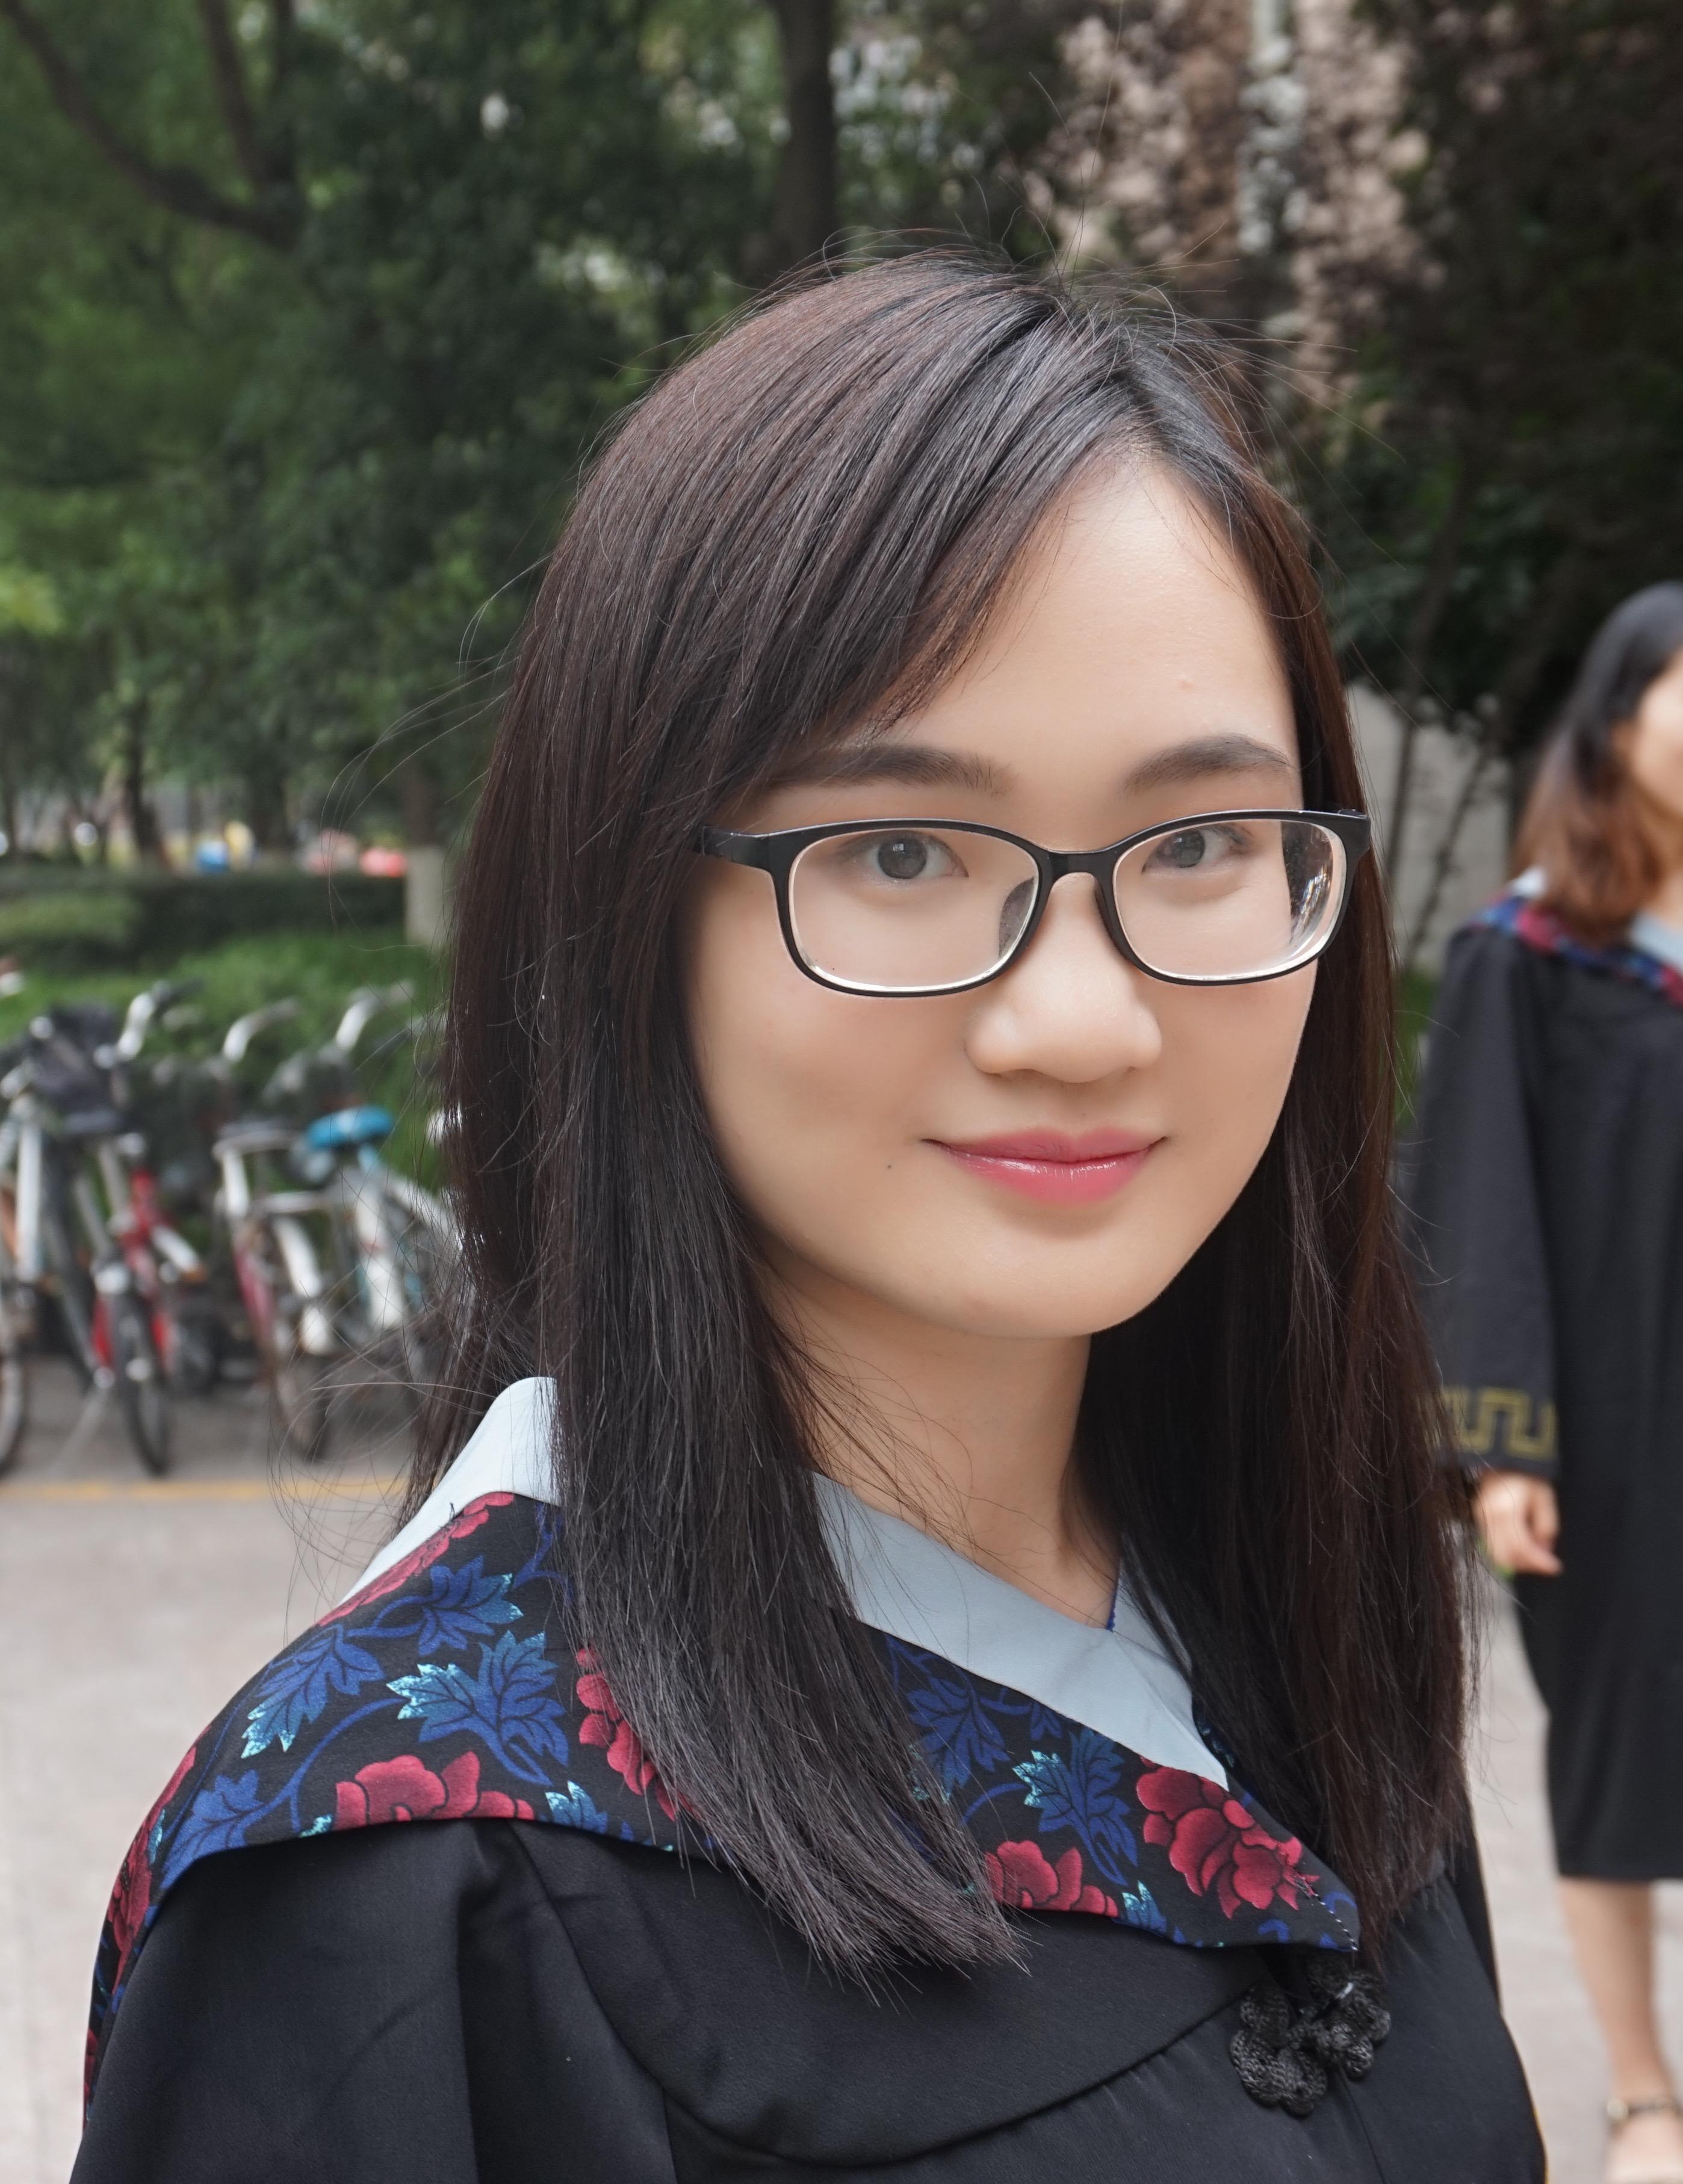 Yu-Xi Xia